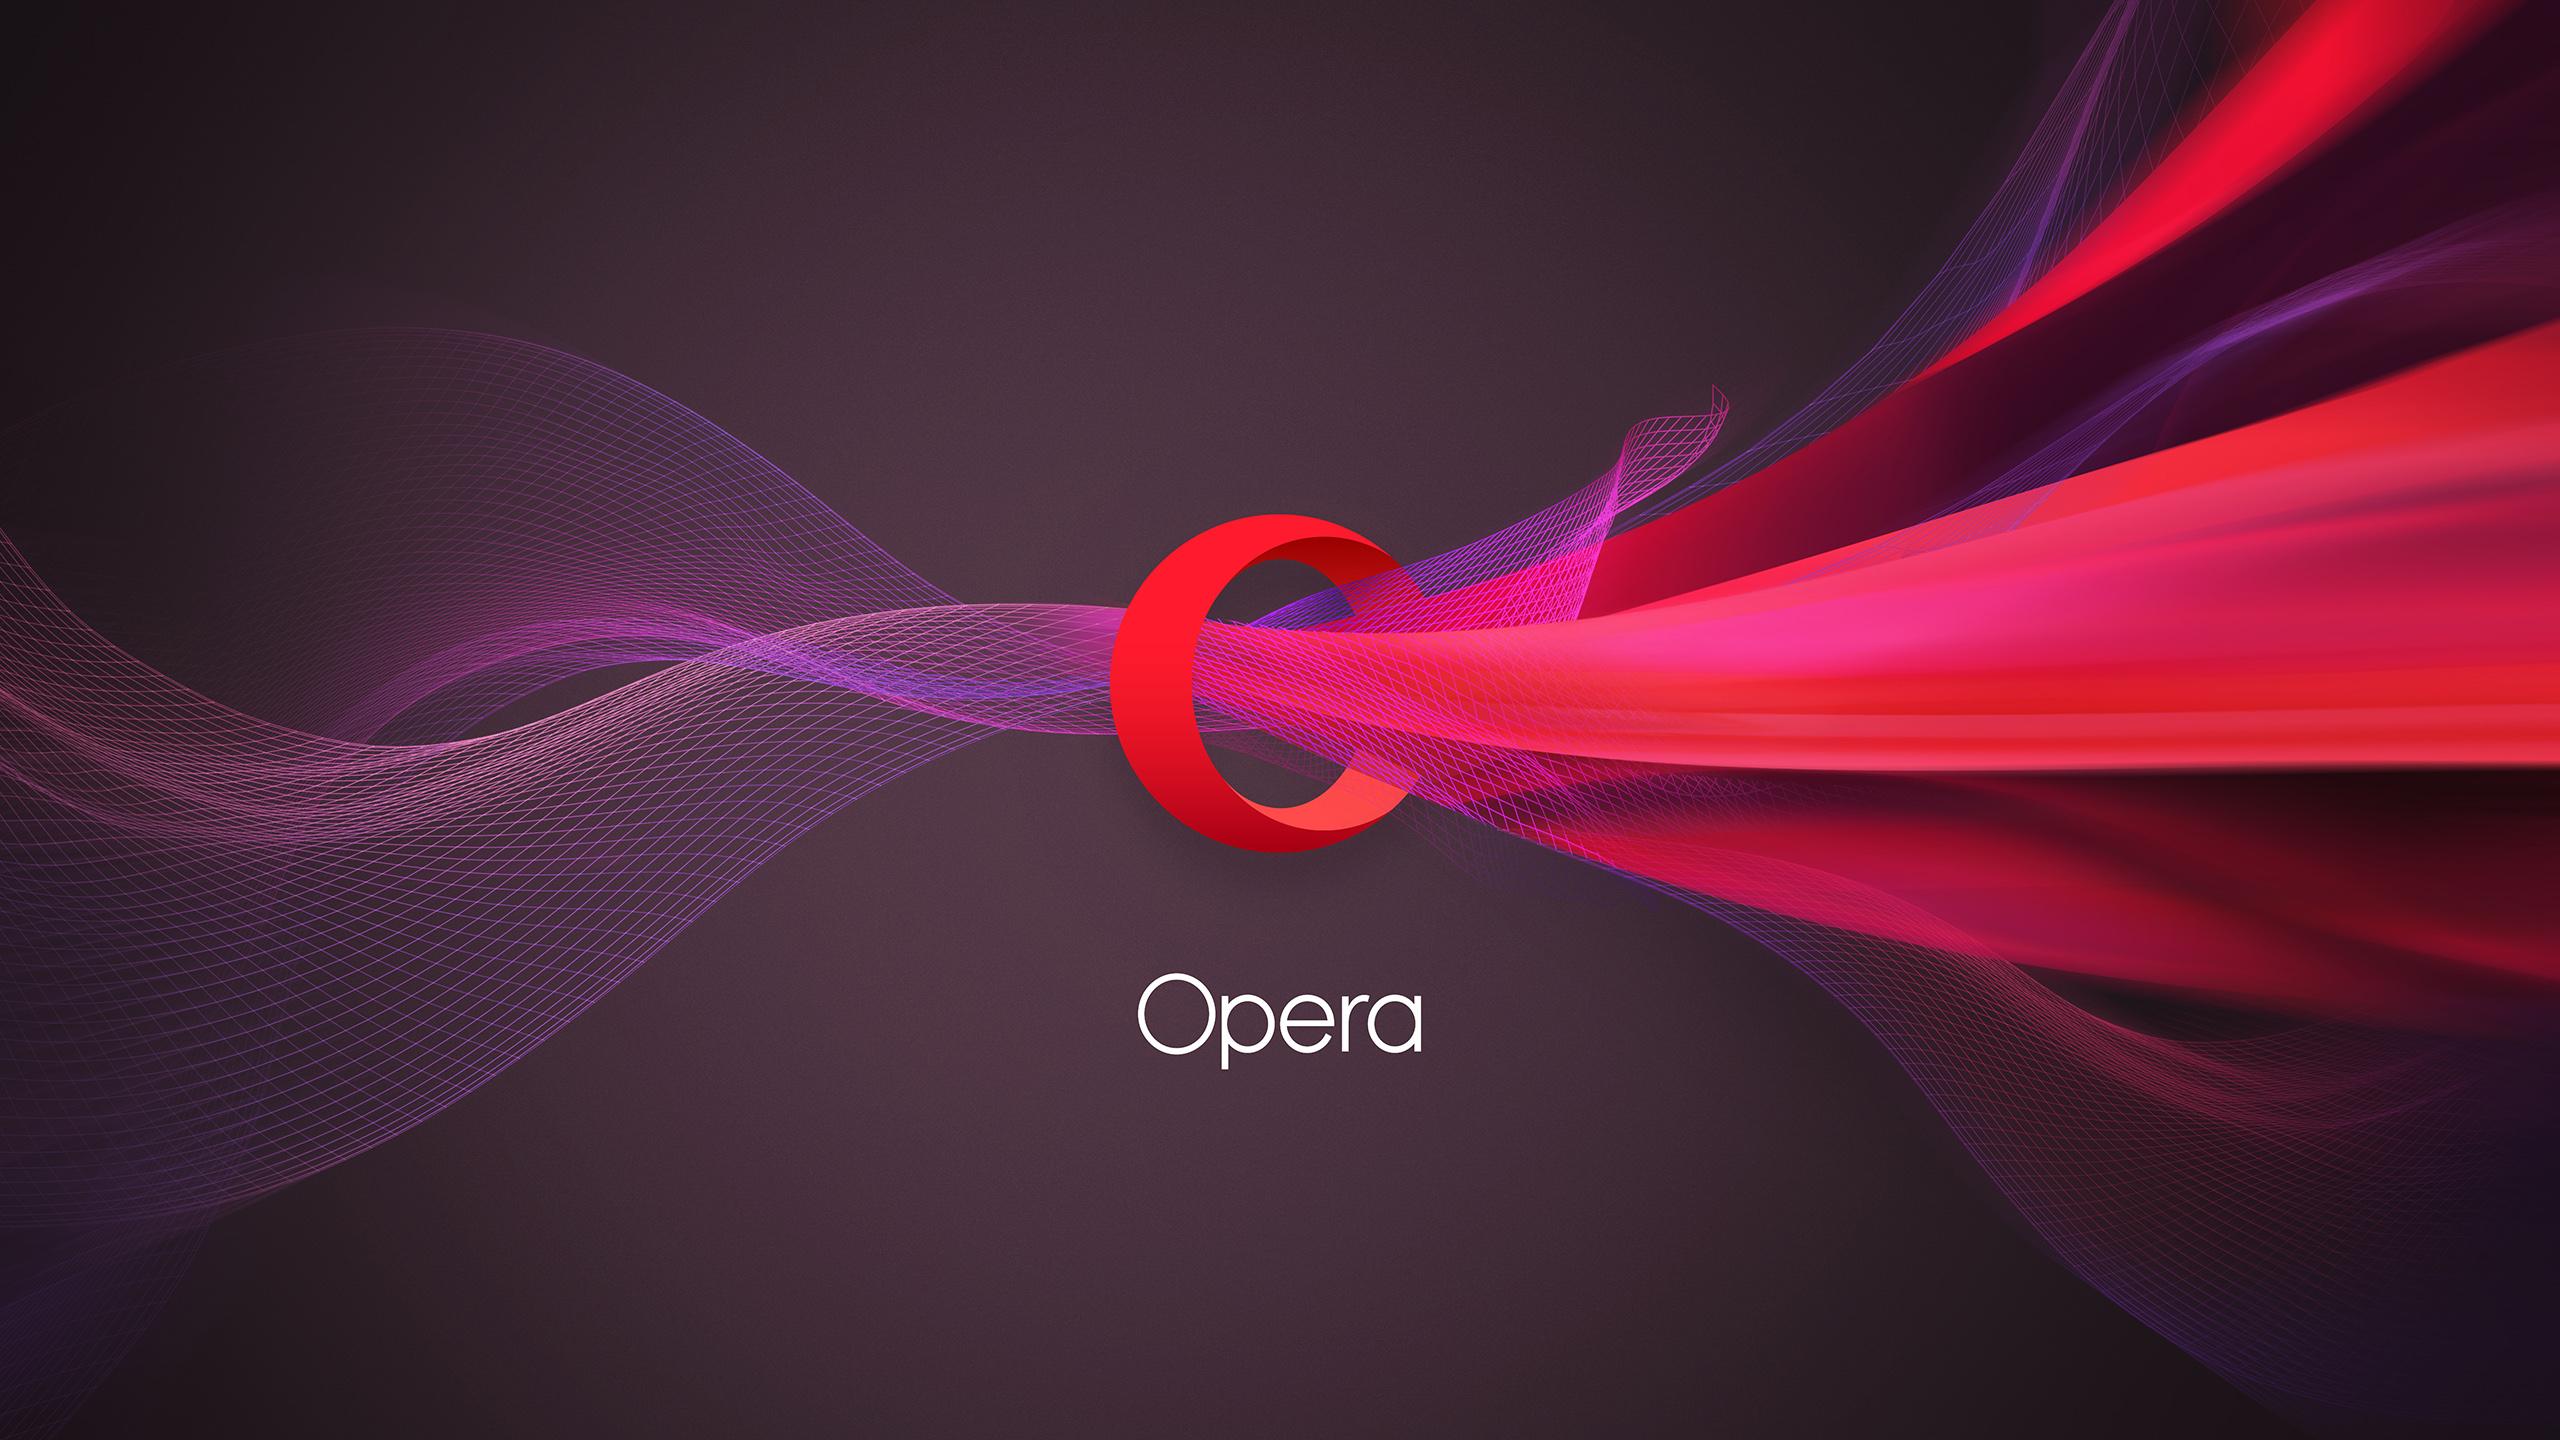 Opera browser prodan kineskom konzorcijumu za 600 miliona dolara